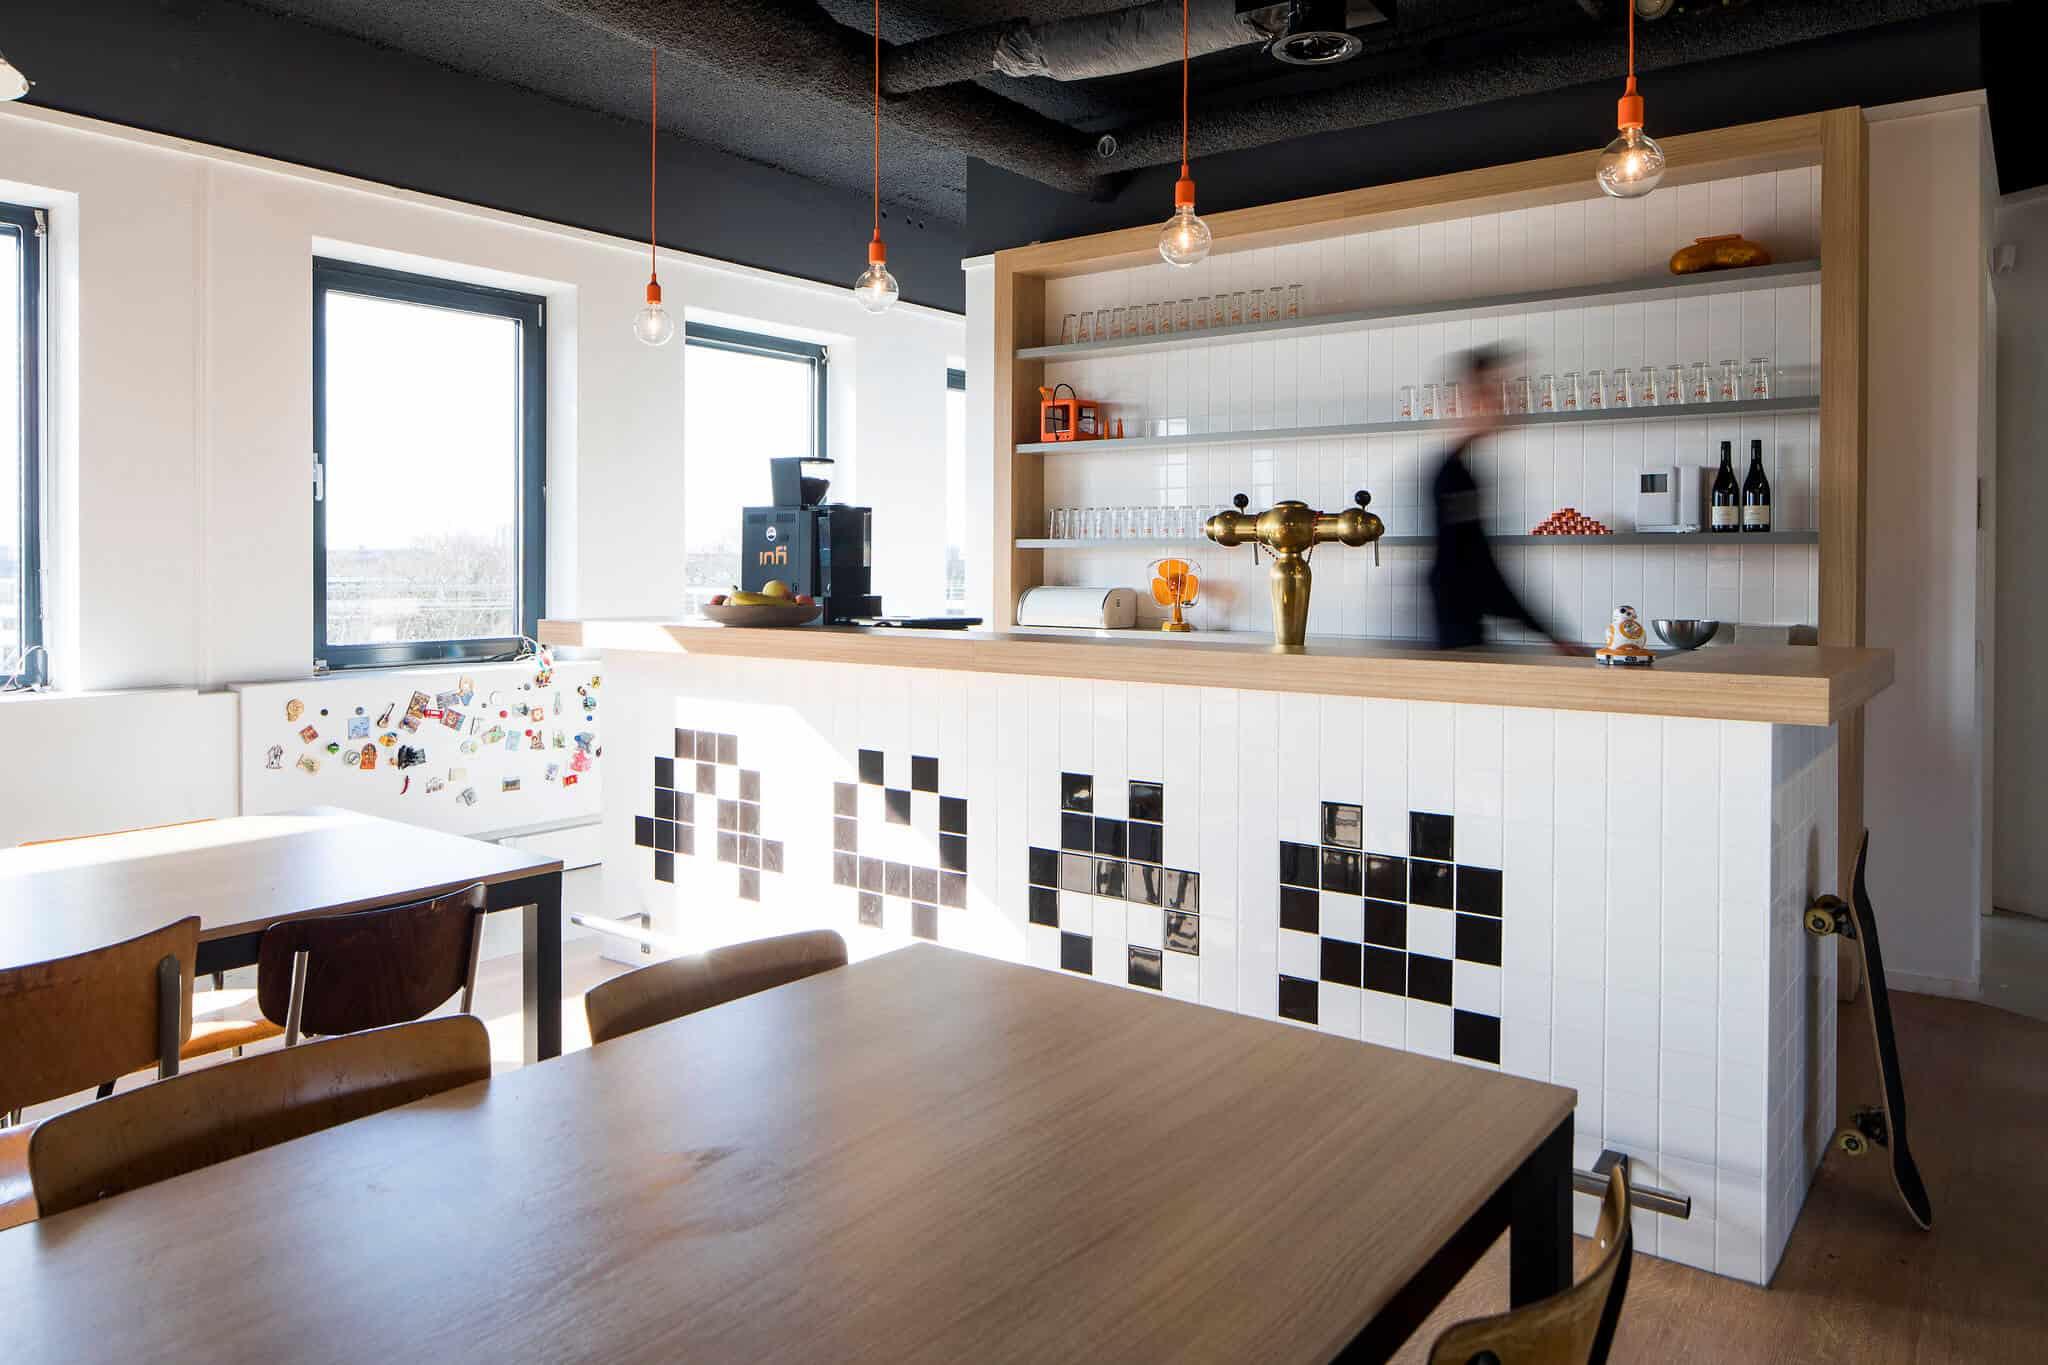 Interieurarchitect Wildenberg ontwerpt hoofdkantoor Infi pantry bedrijfsrestaurant met persoon